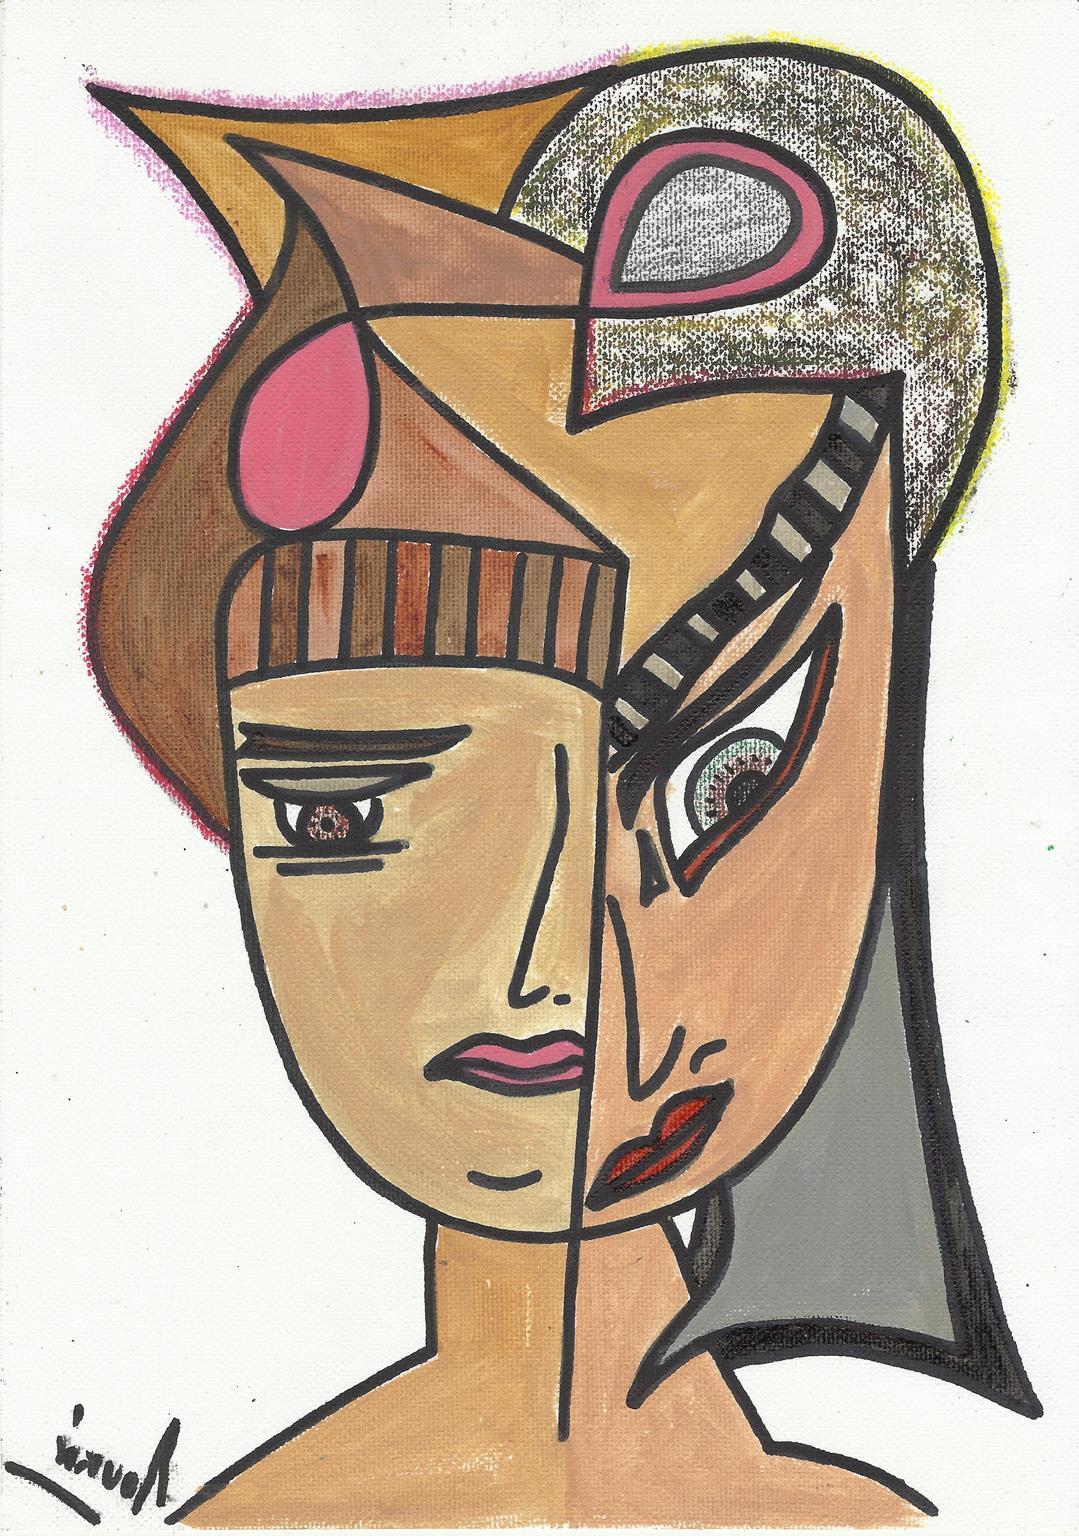 12 MONTHS – ARTonline | Τέχνη στο Διαδίκτυο στην πολιτιστική ιστοσελίδα art-profiles.net